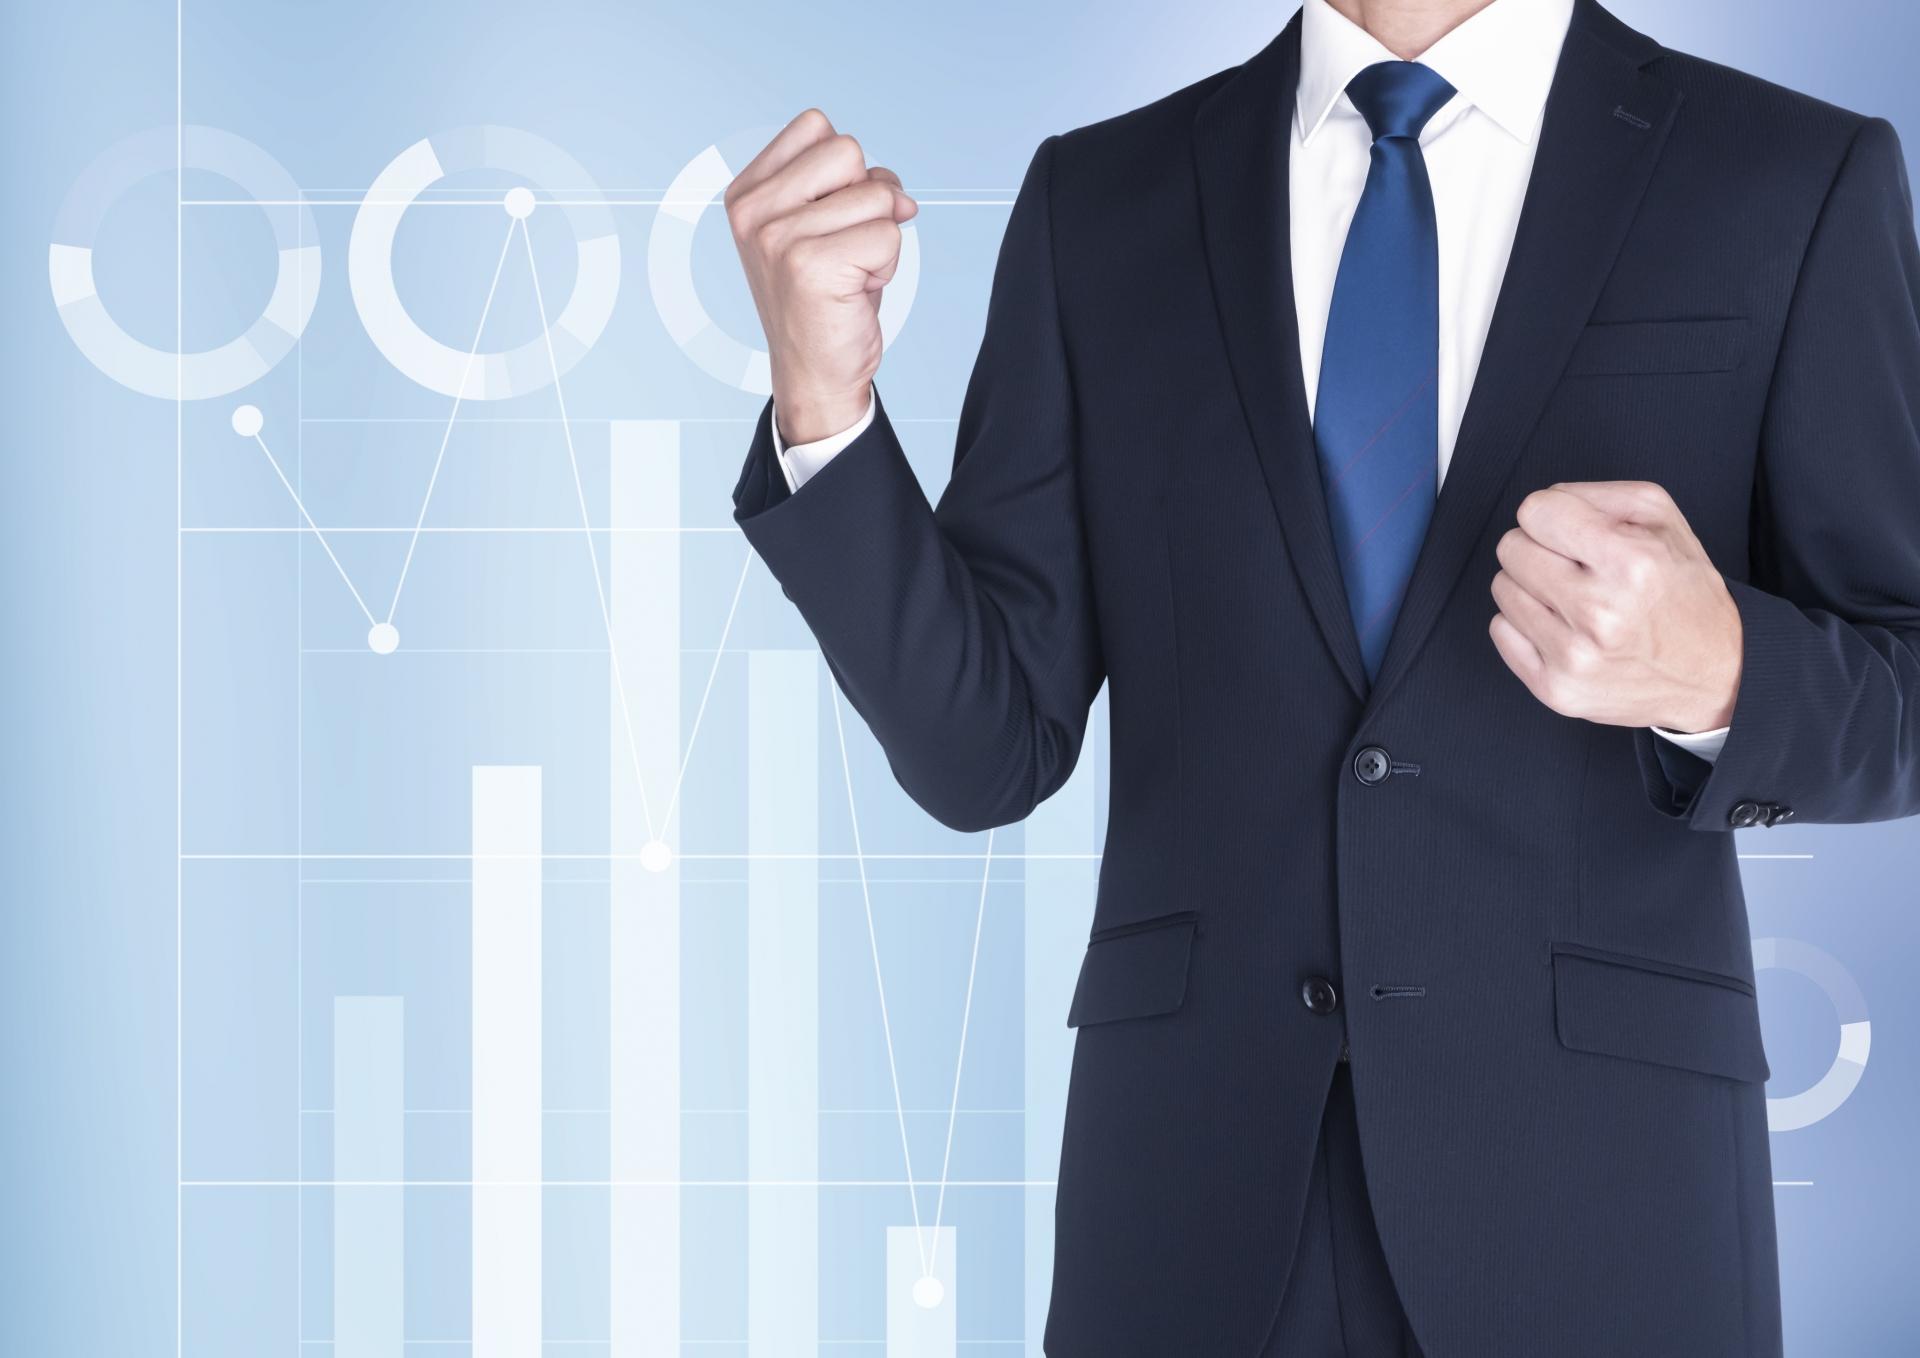 モチベーションマネジメントとは?社員のやる気を引き出す施策と事例